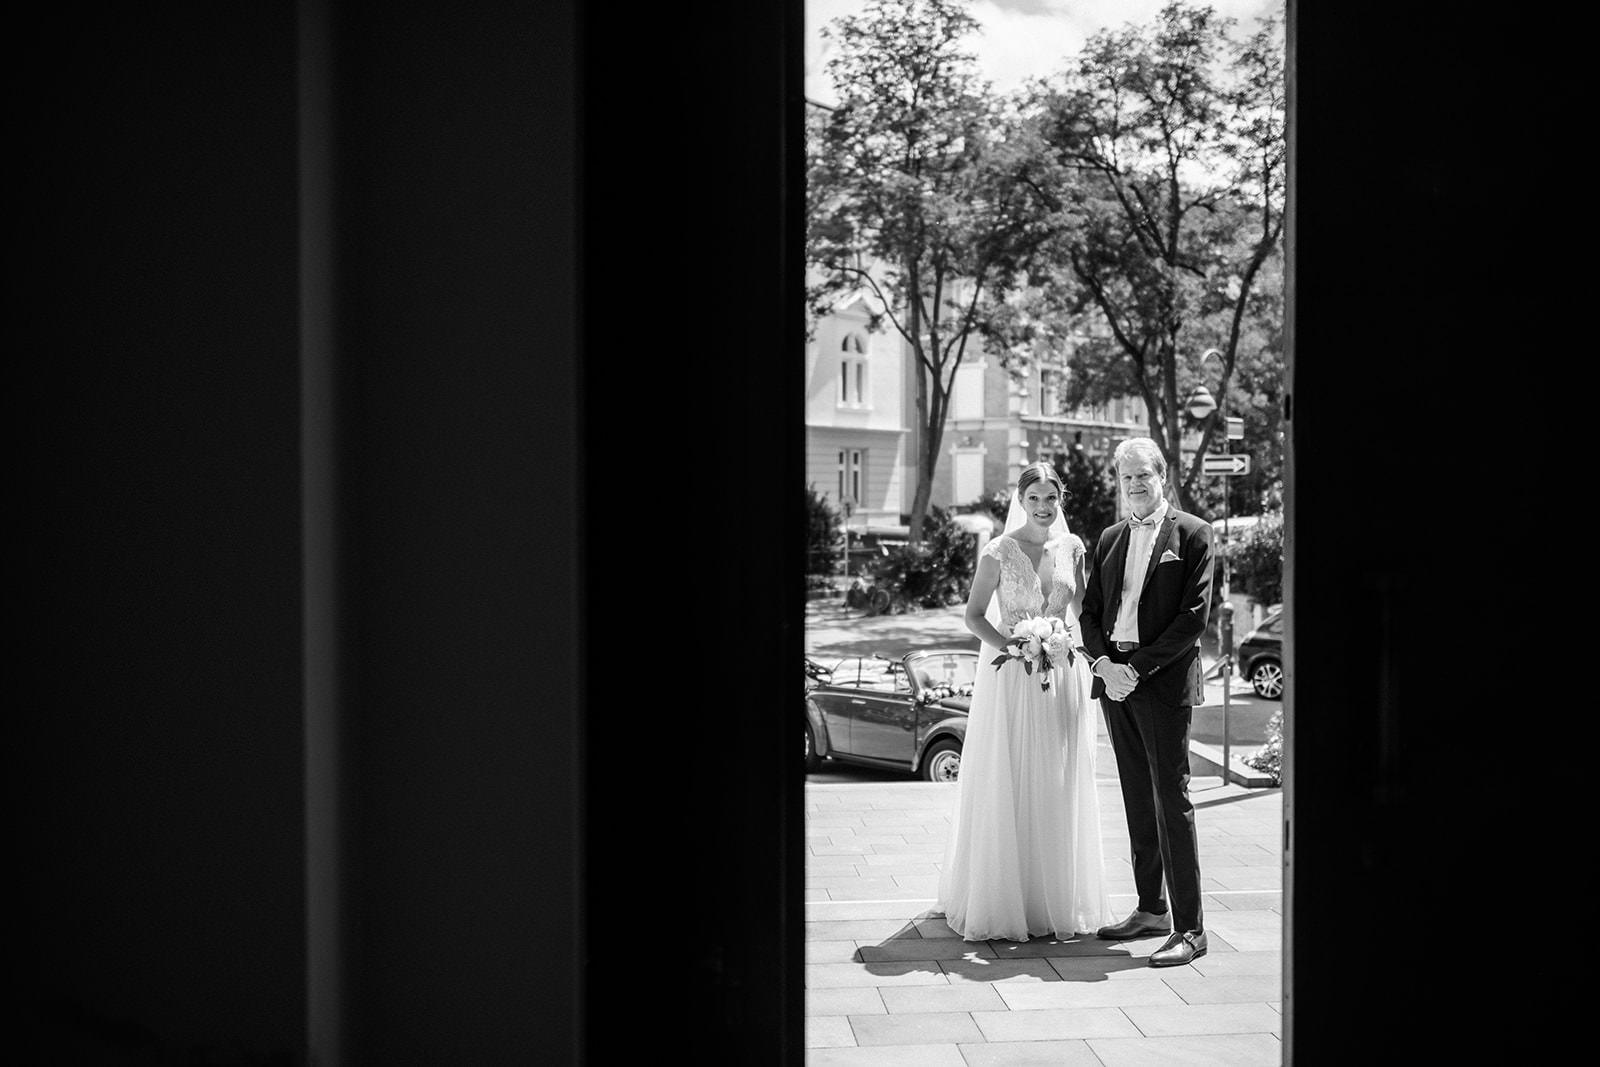 Fotograf Konstanz - Hochzeitsreportage Freiburg Hofgut Lilienhof Hochzeit Fotograf Konstanz 116 1 - Hochzeit in Freiburg und Hofgut Lilienhof  - 8 -